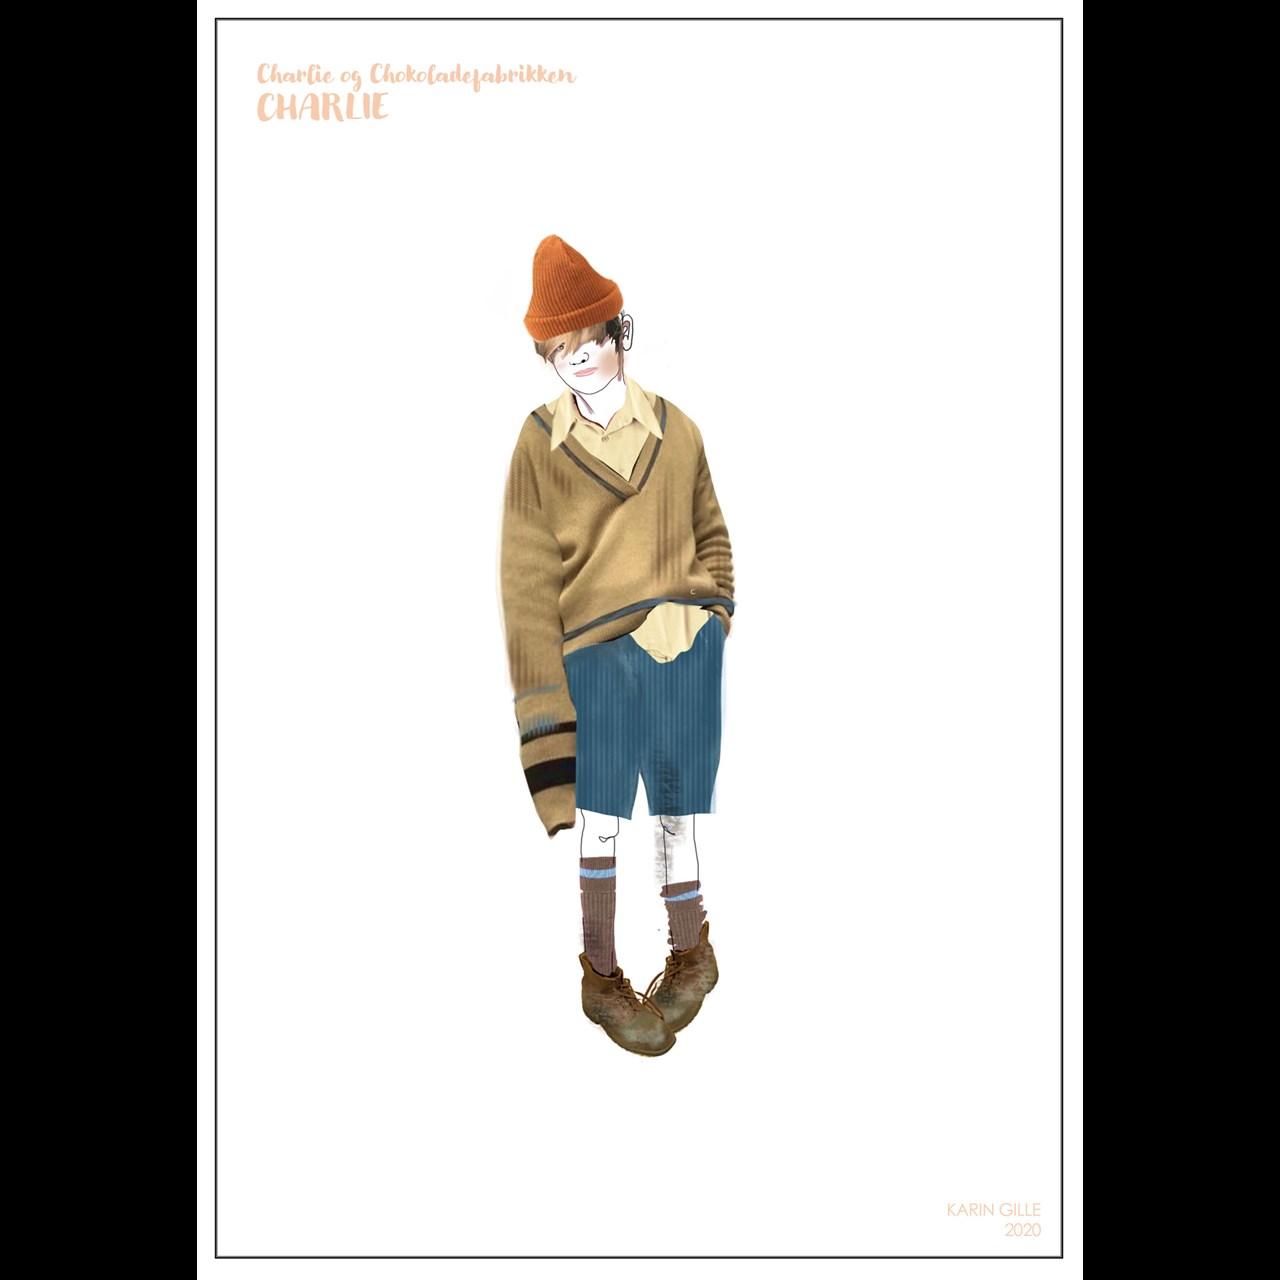 Kostumetegning til Charlie & Chokoladefabrikken af Karin Gille